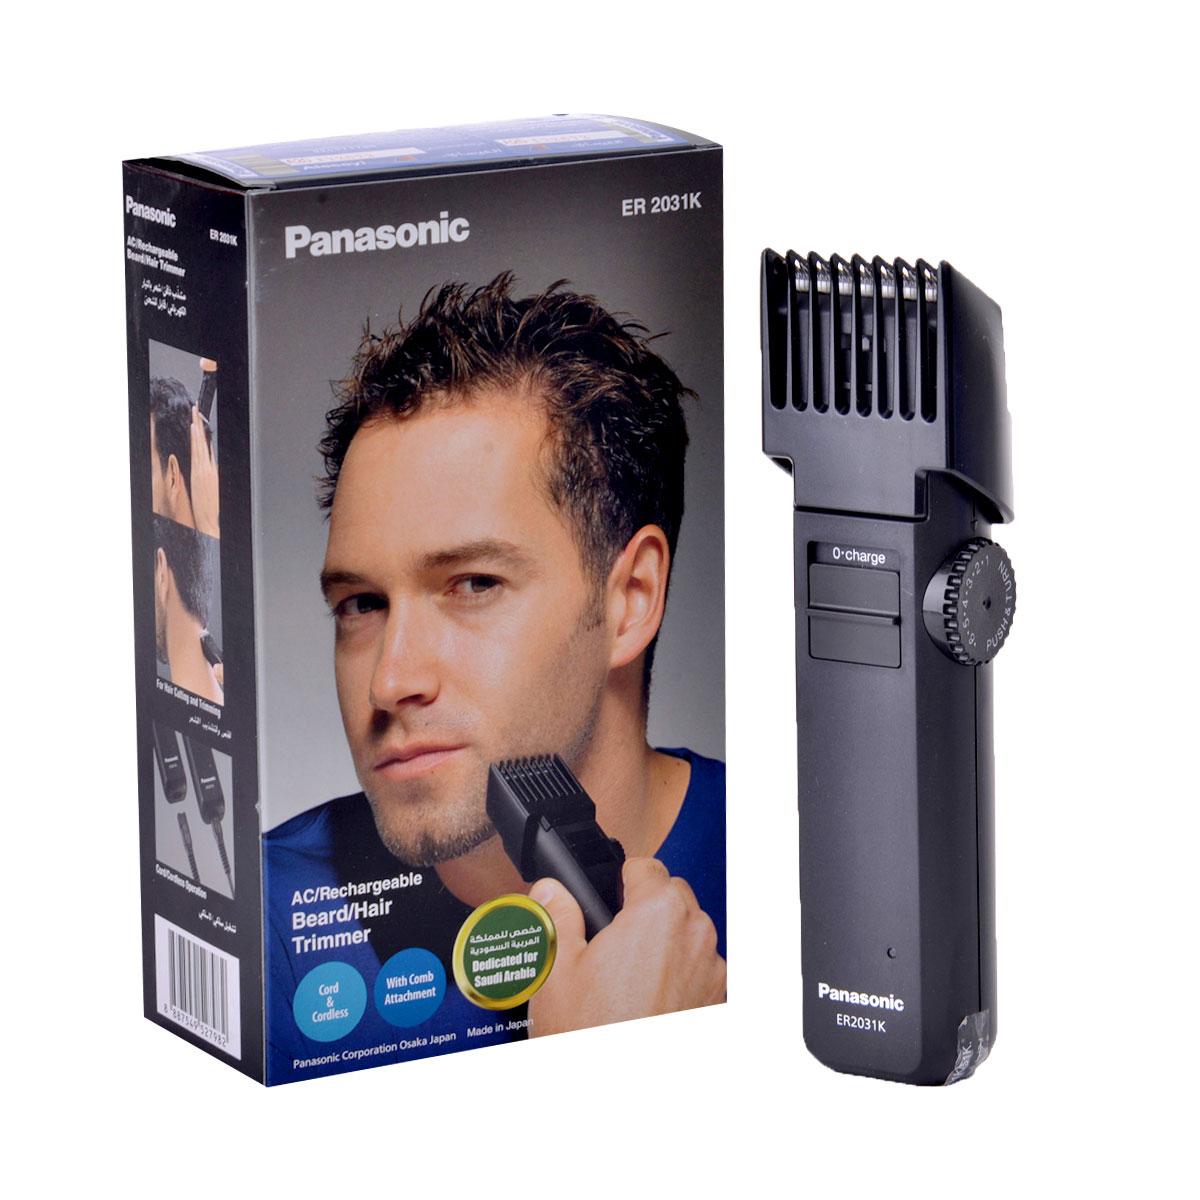 باناسونيك - ماكينة تشذيب الشعر واللحية القابلة للشحن ER2031K